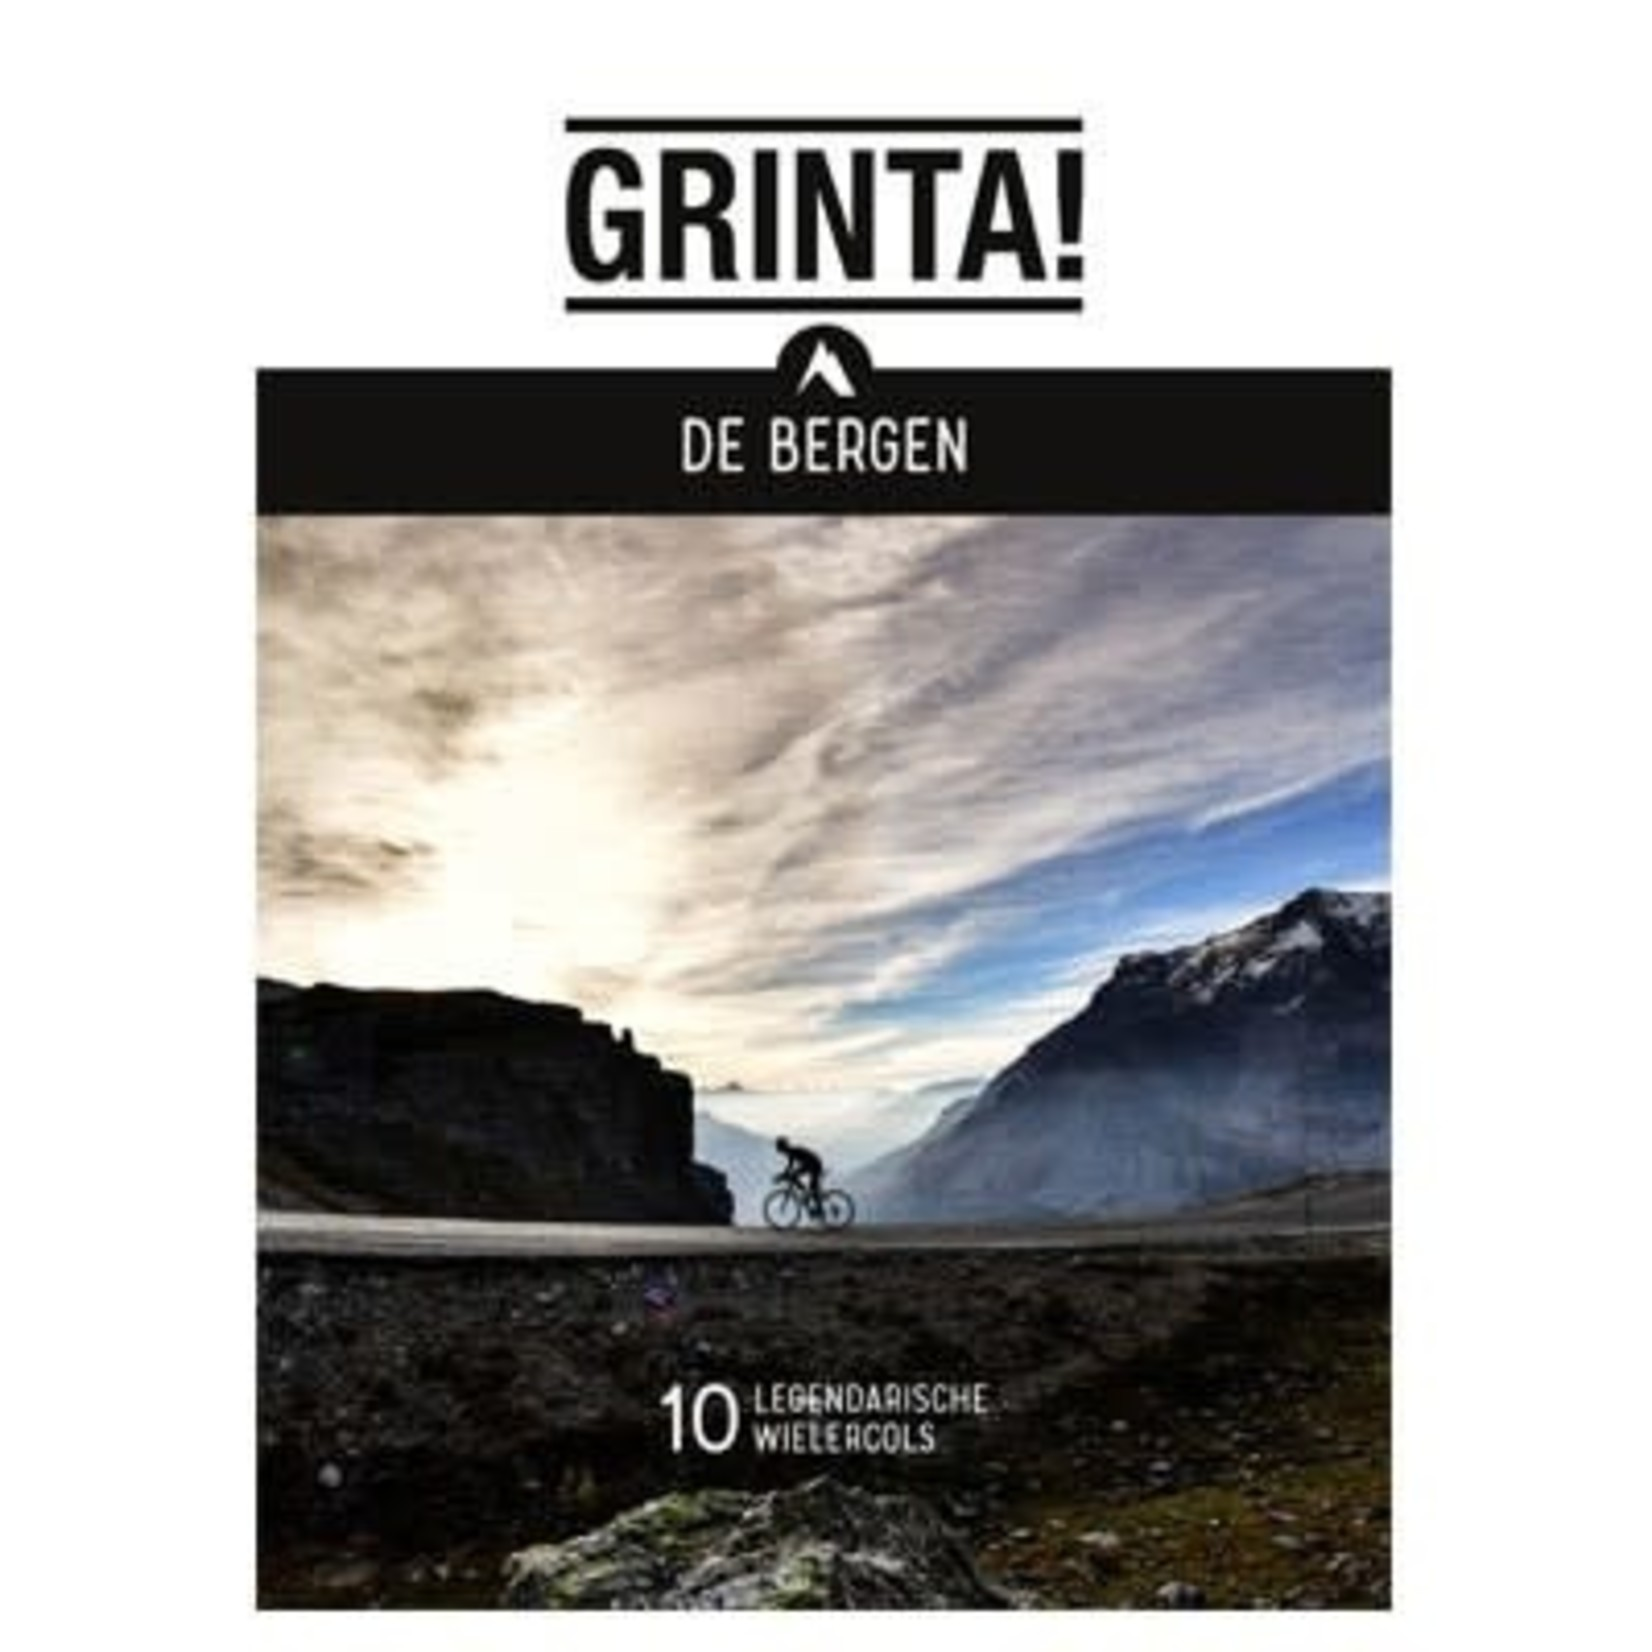 Grinta! 'De Bergen'